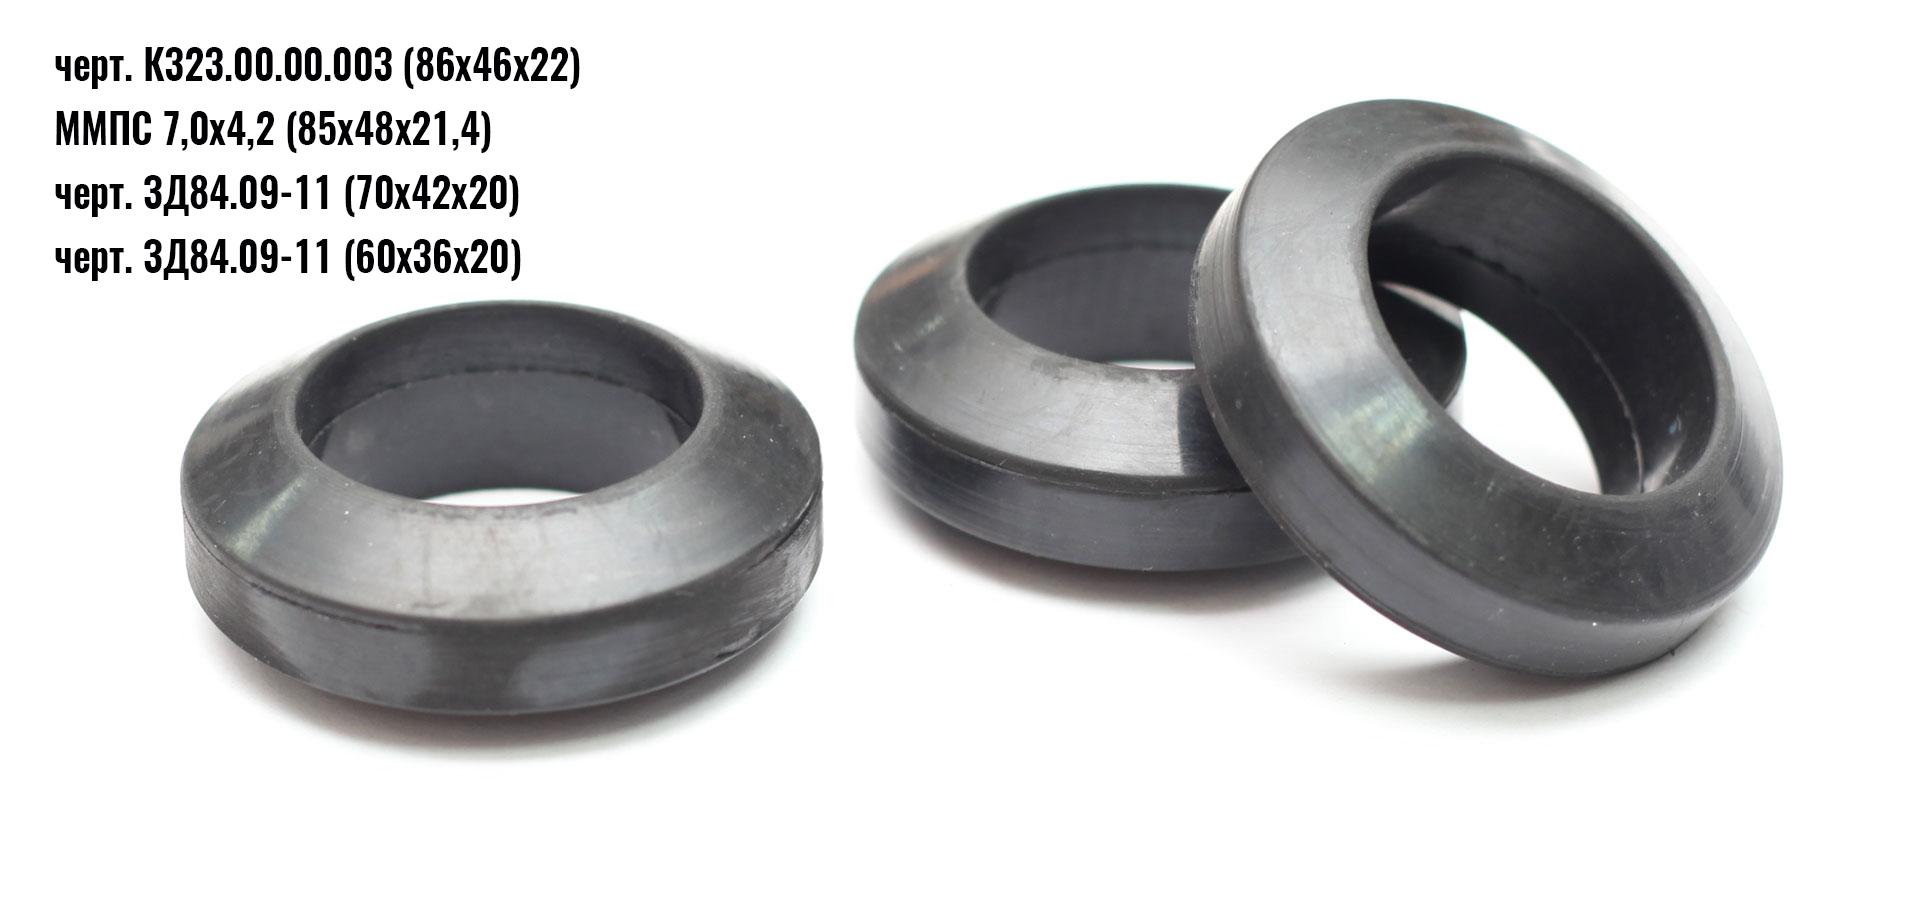 Уплотнитель резиновый бронеболта шаровой мельницы 7,0х4,2